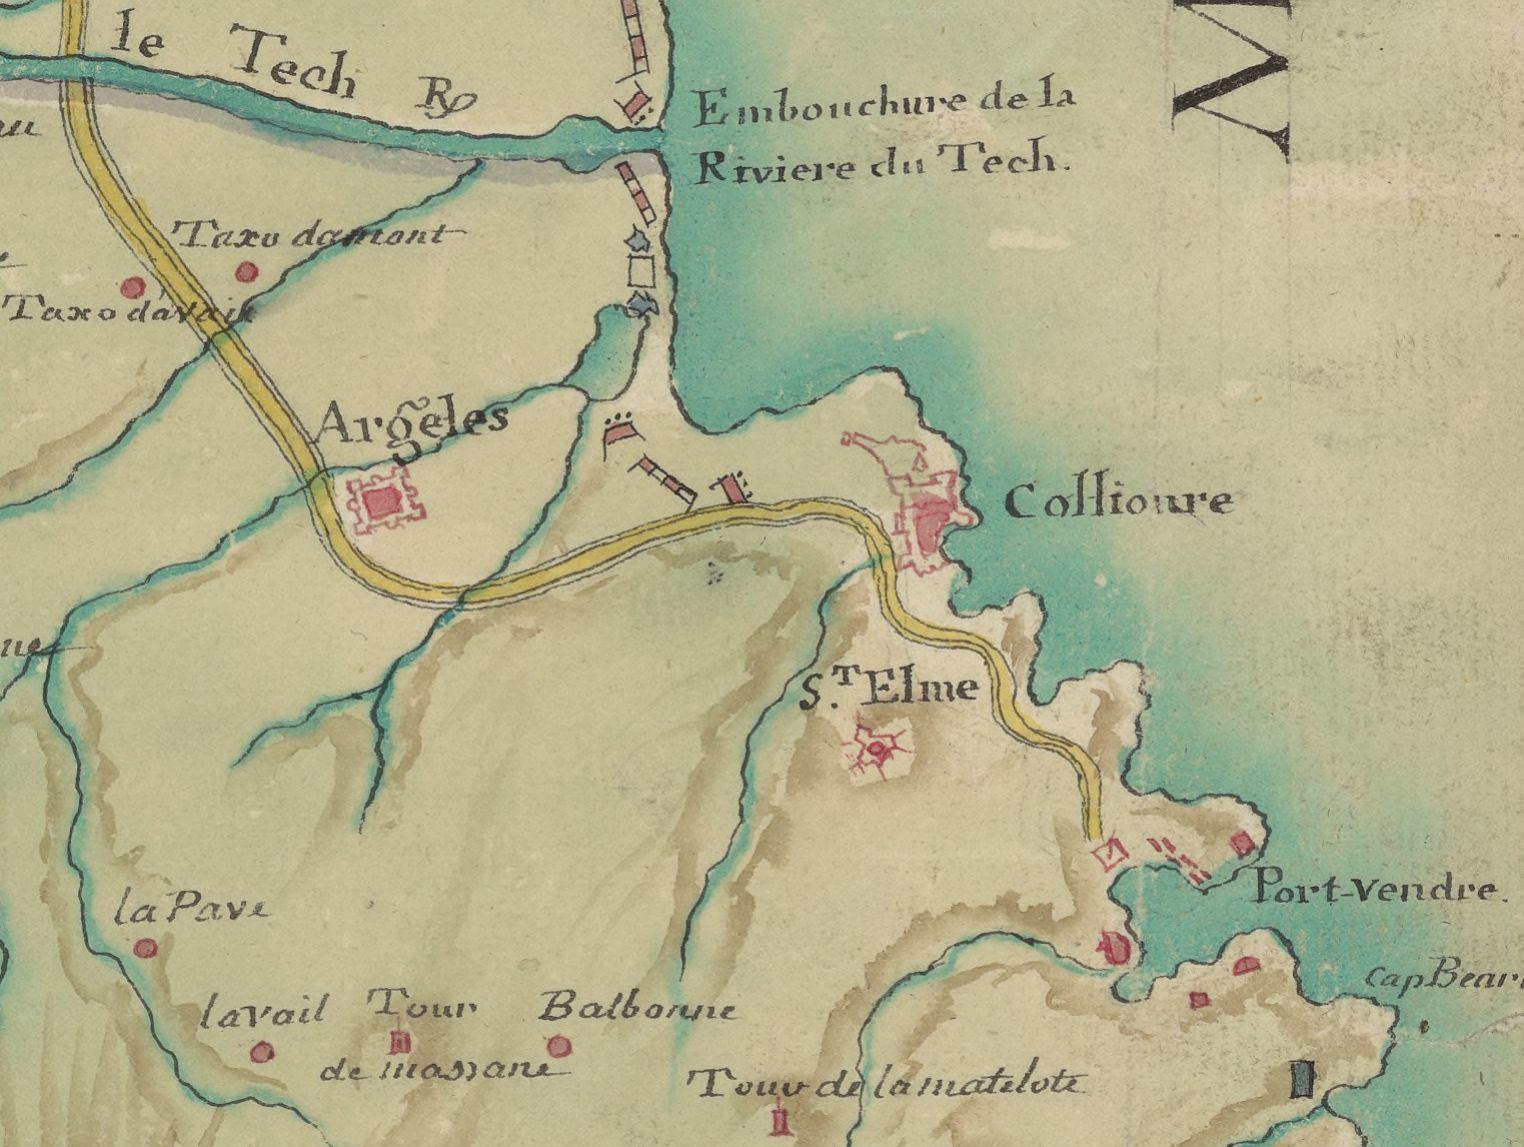 16 1787 carte en forme de cadastre du roussillon - Le Racou vu d'en haut - Cartes géographiques